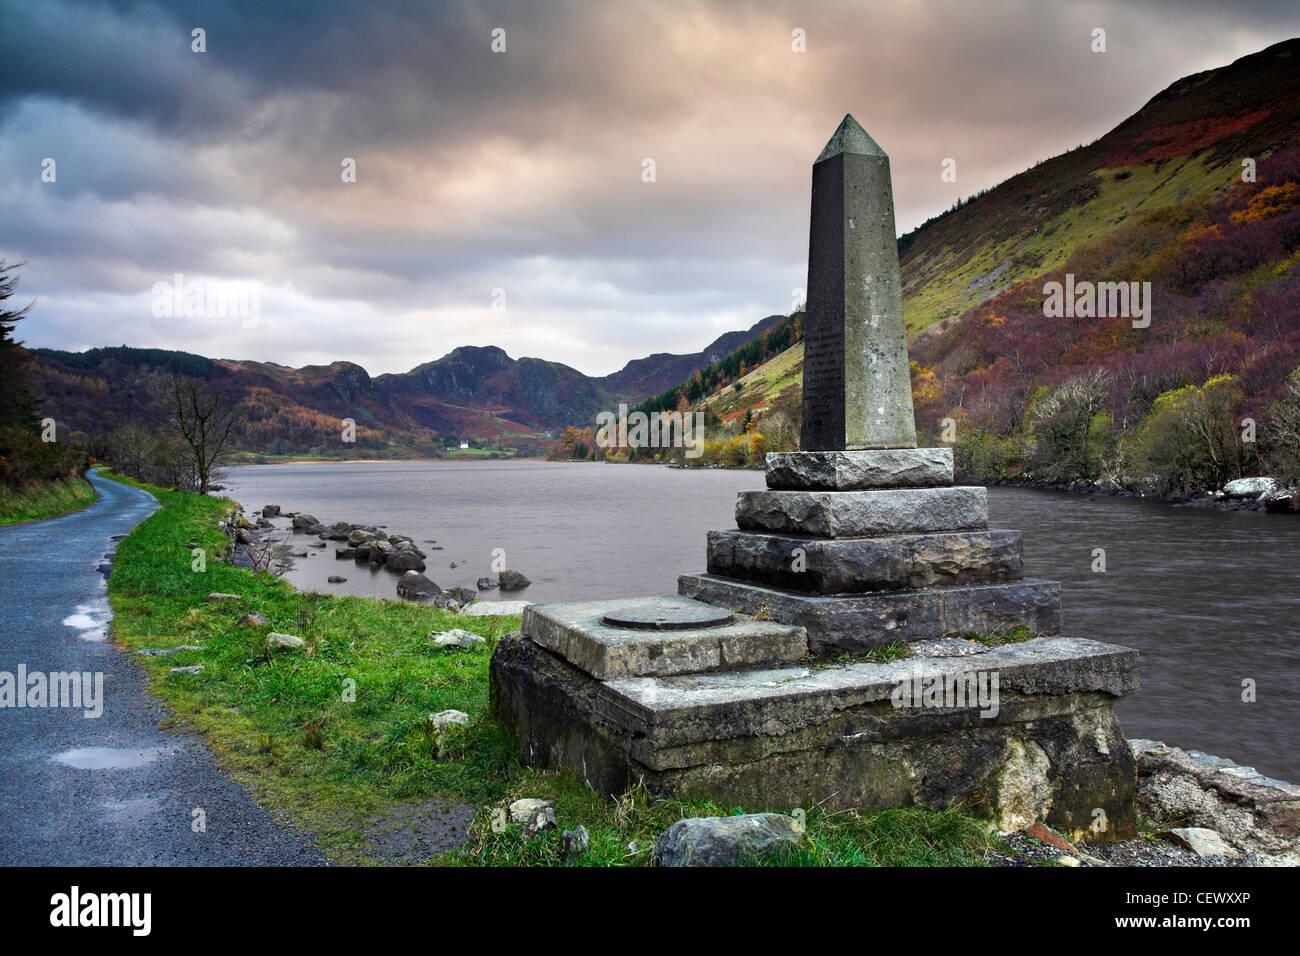 Denkmal für die Spende von Llyn Crafnant zu den Leuten von Romanum von Richard James zu gedenken. Stockbild